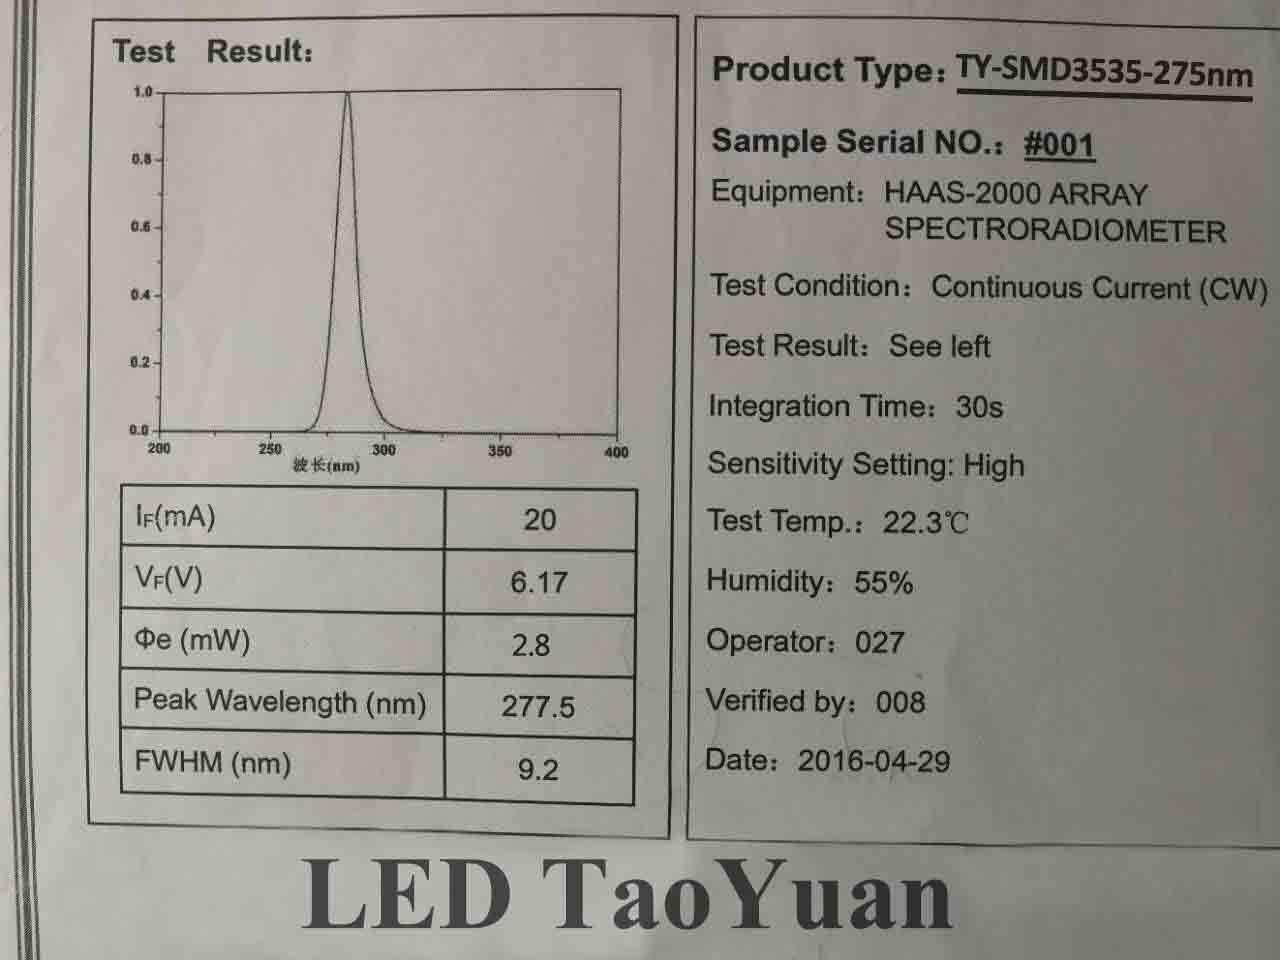 UVC LED 2275nm 3535-A - Click Image to Close